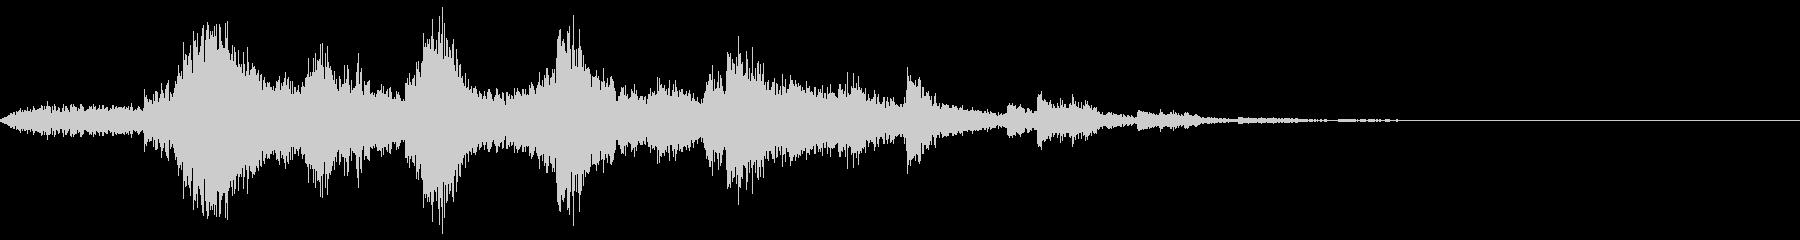 キラキラ_ベルの音の未再生の波形